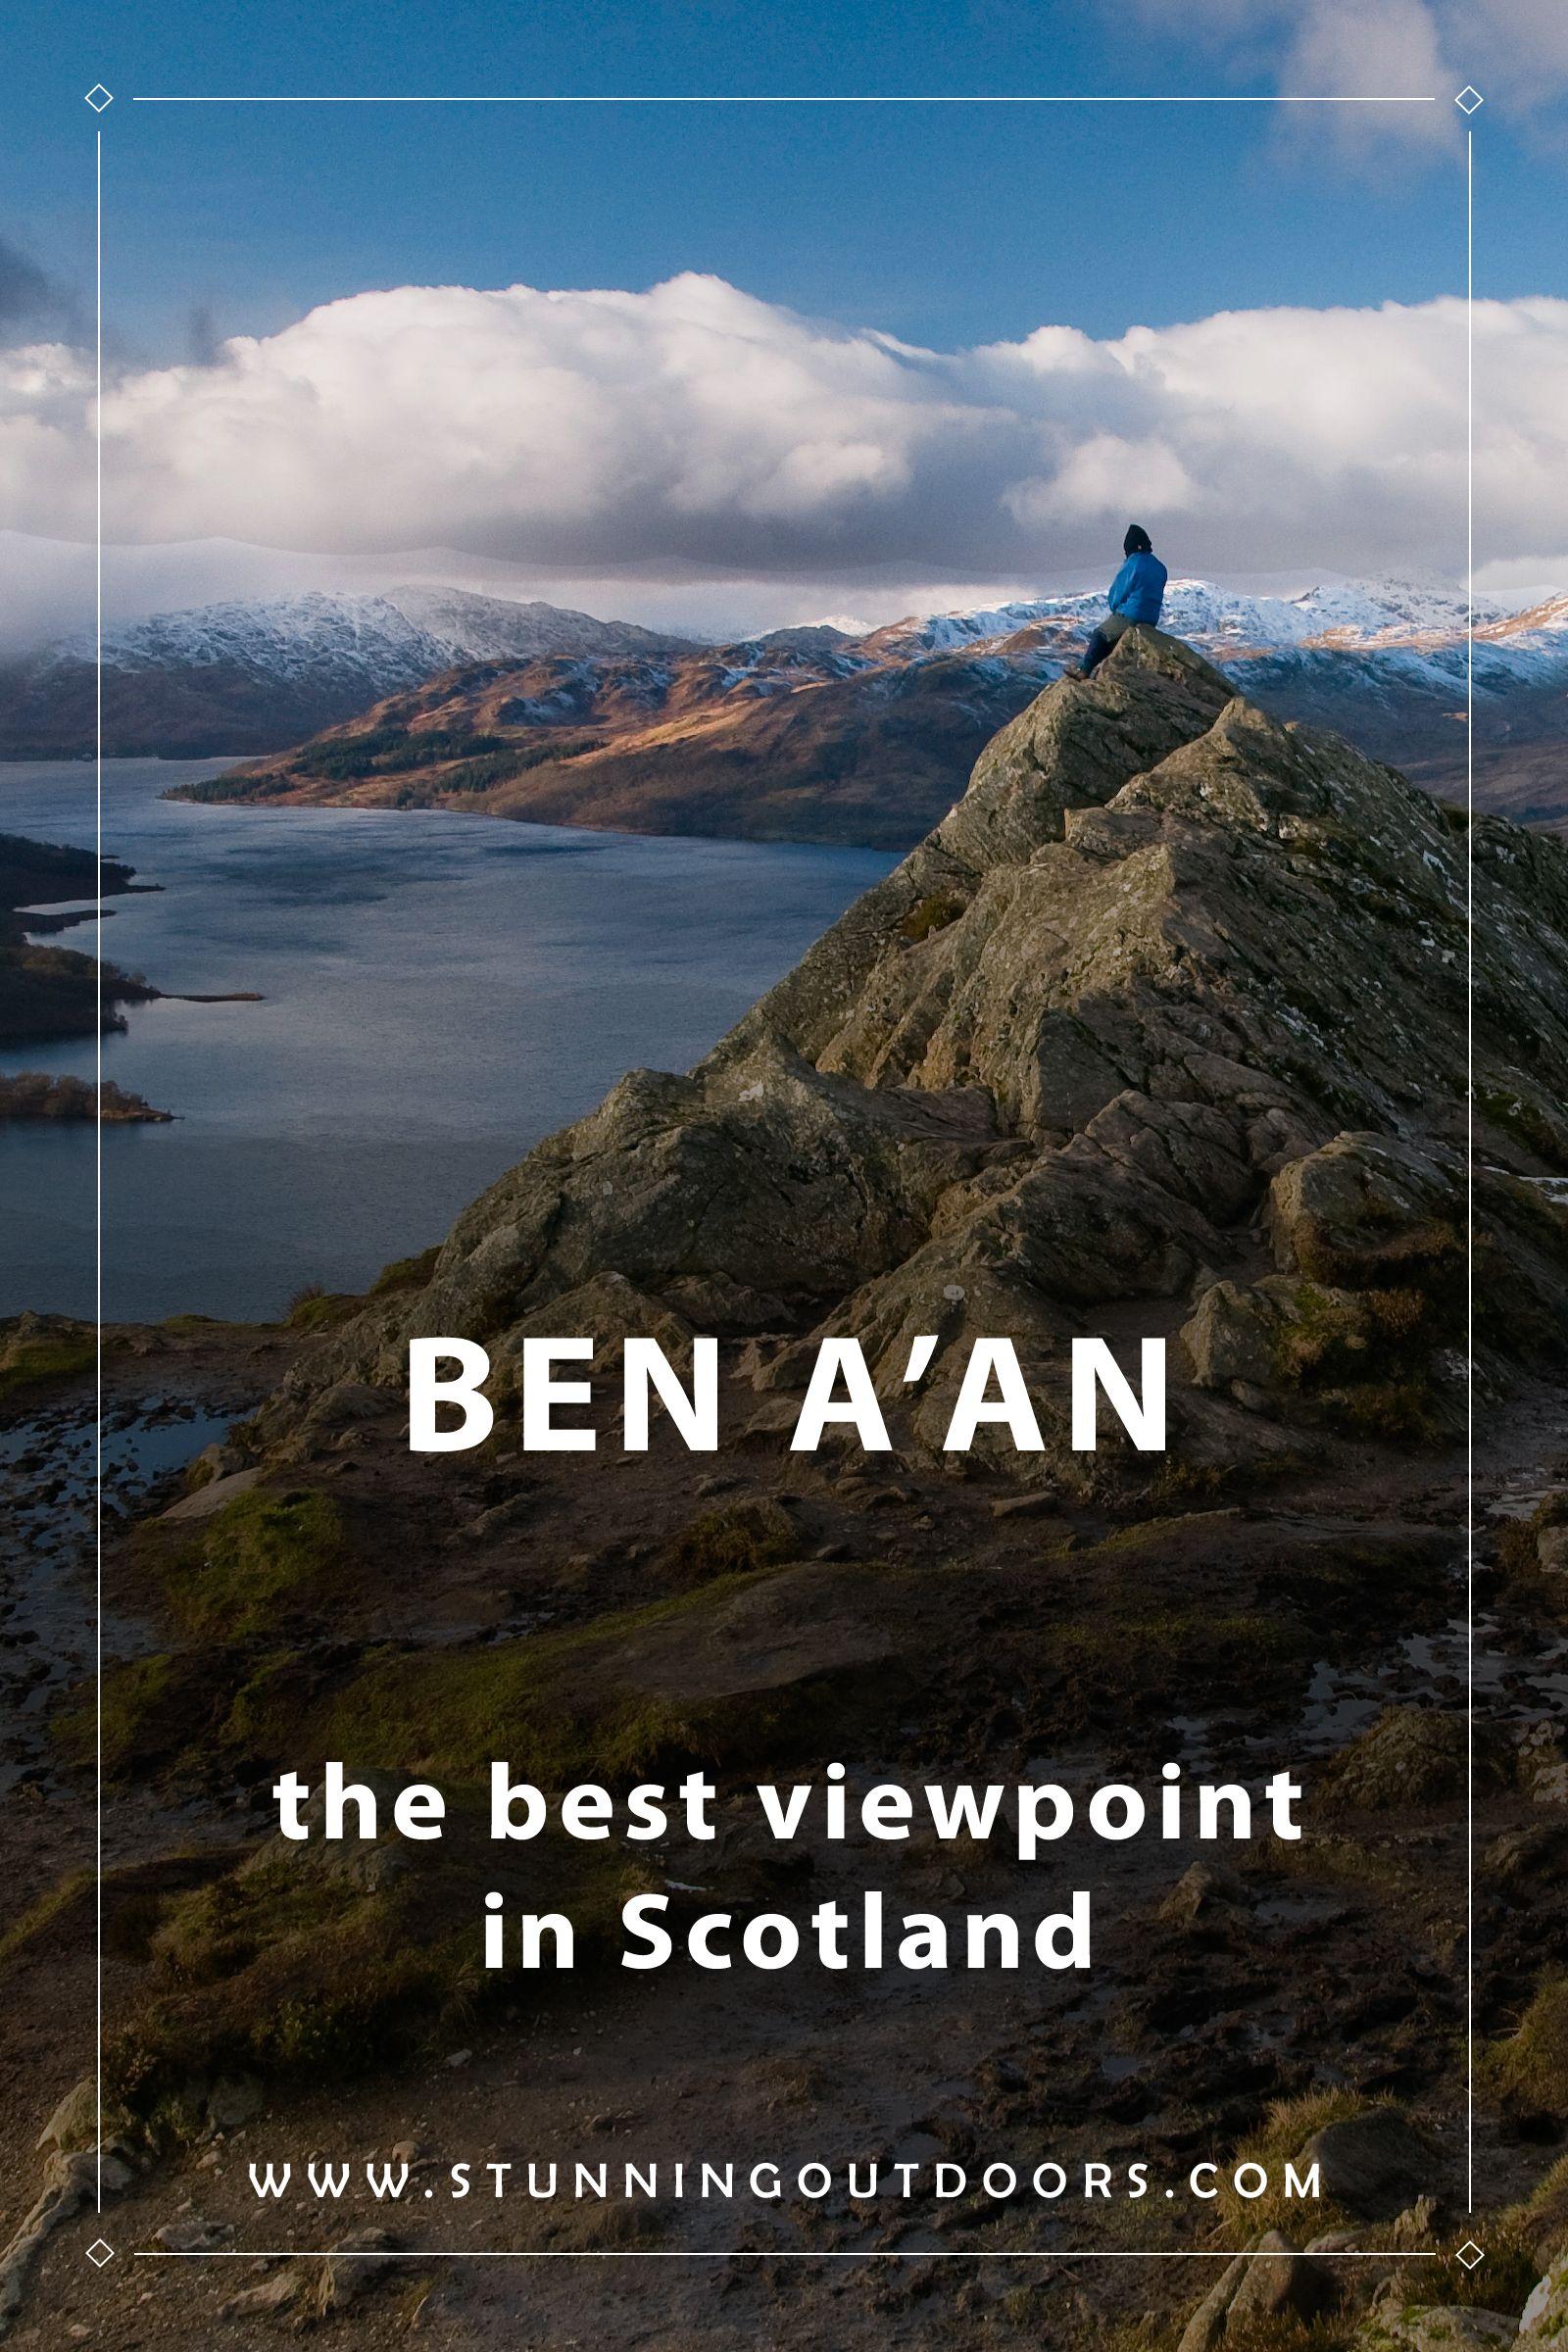 BEN A'AN - the best viewpoint in Scotland